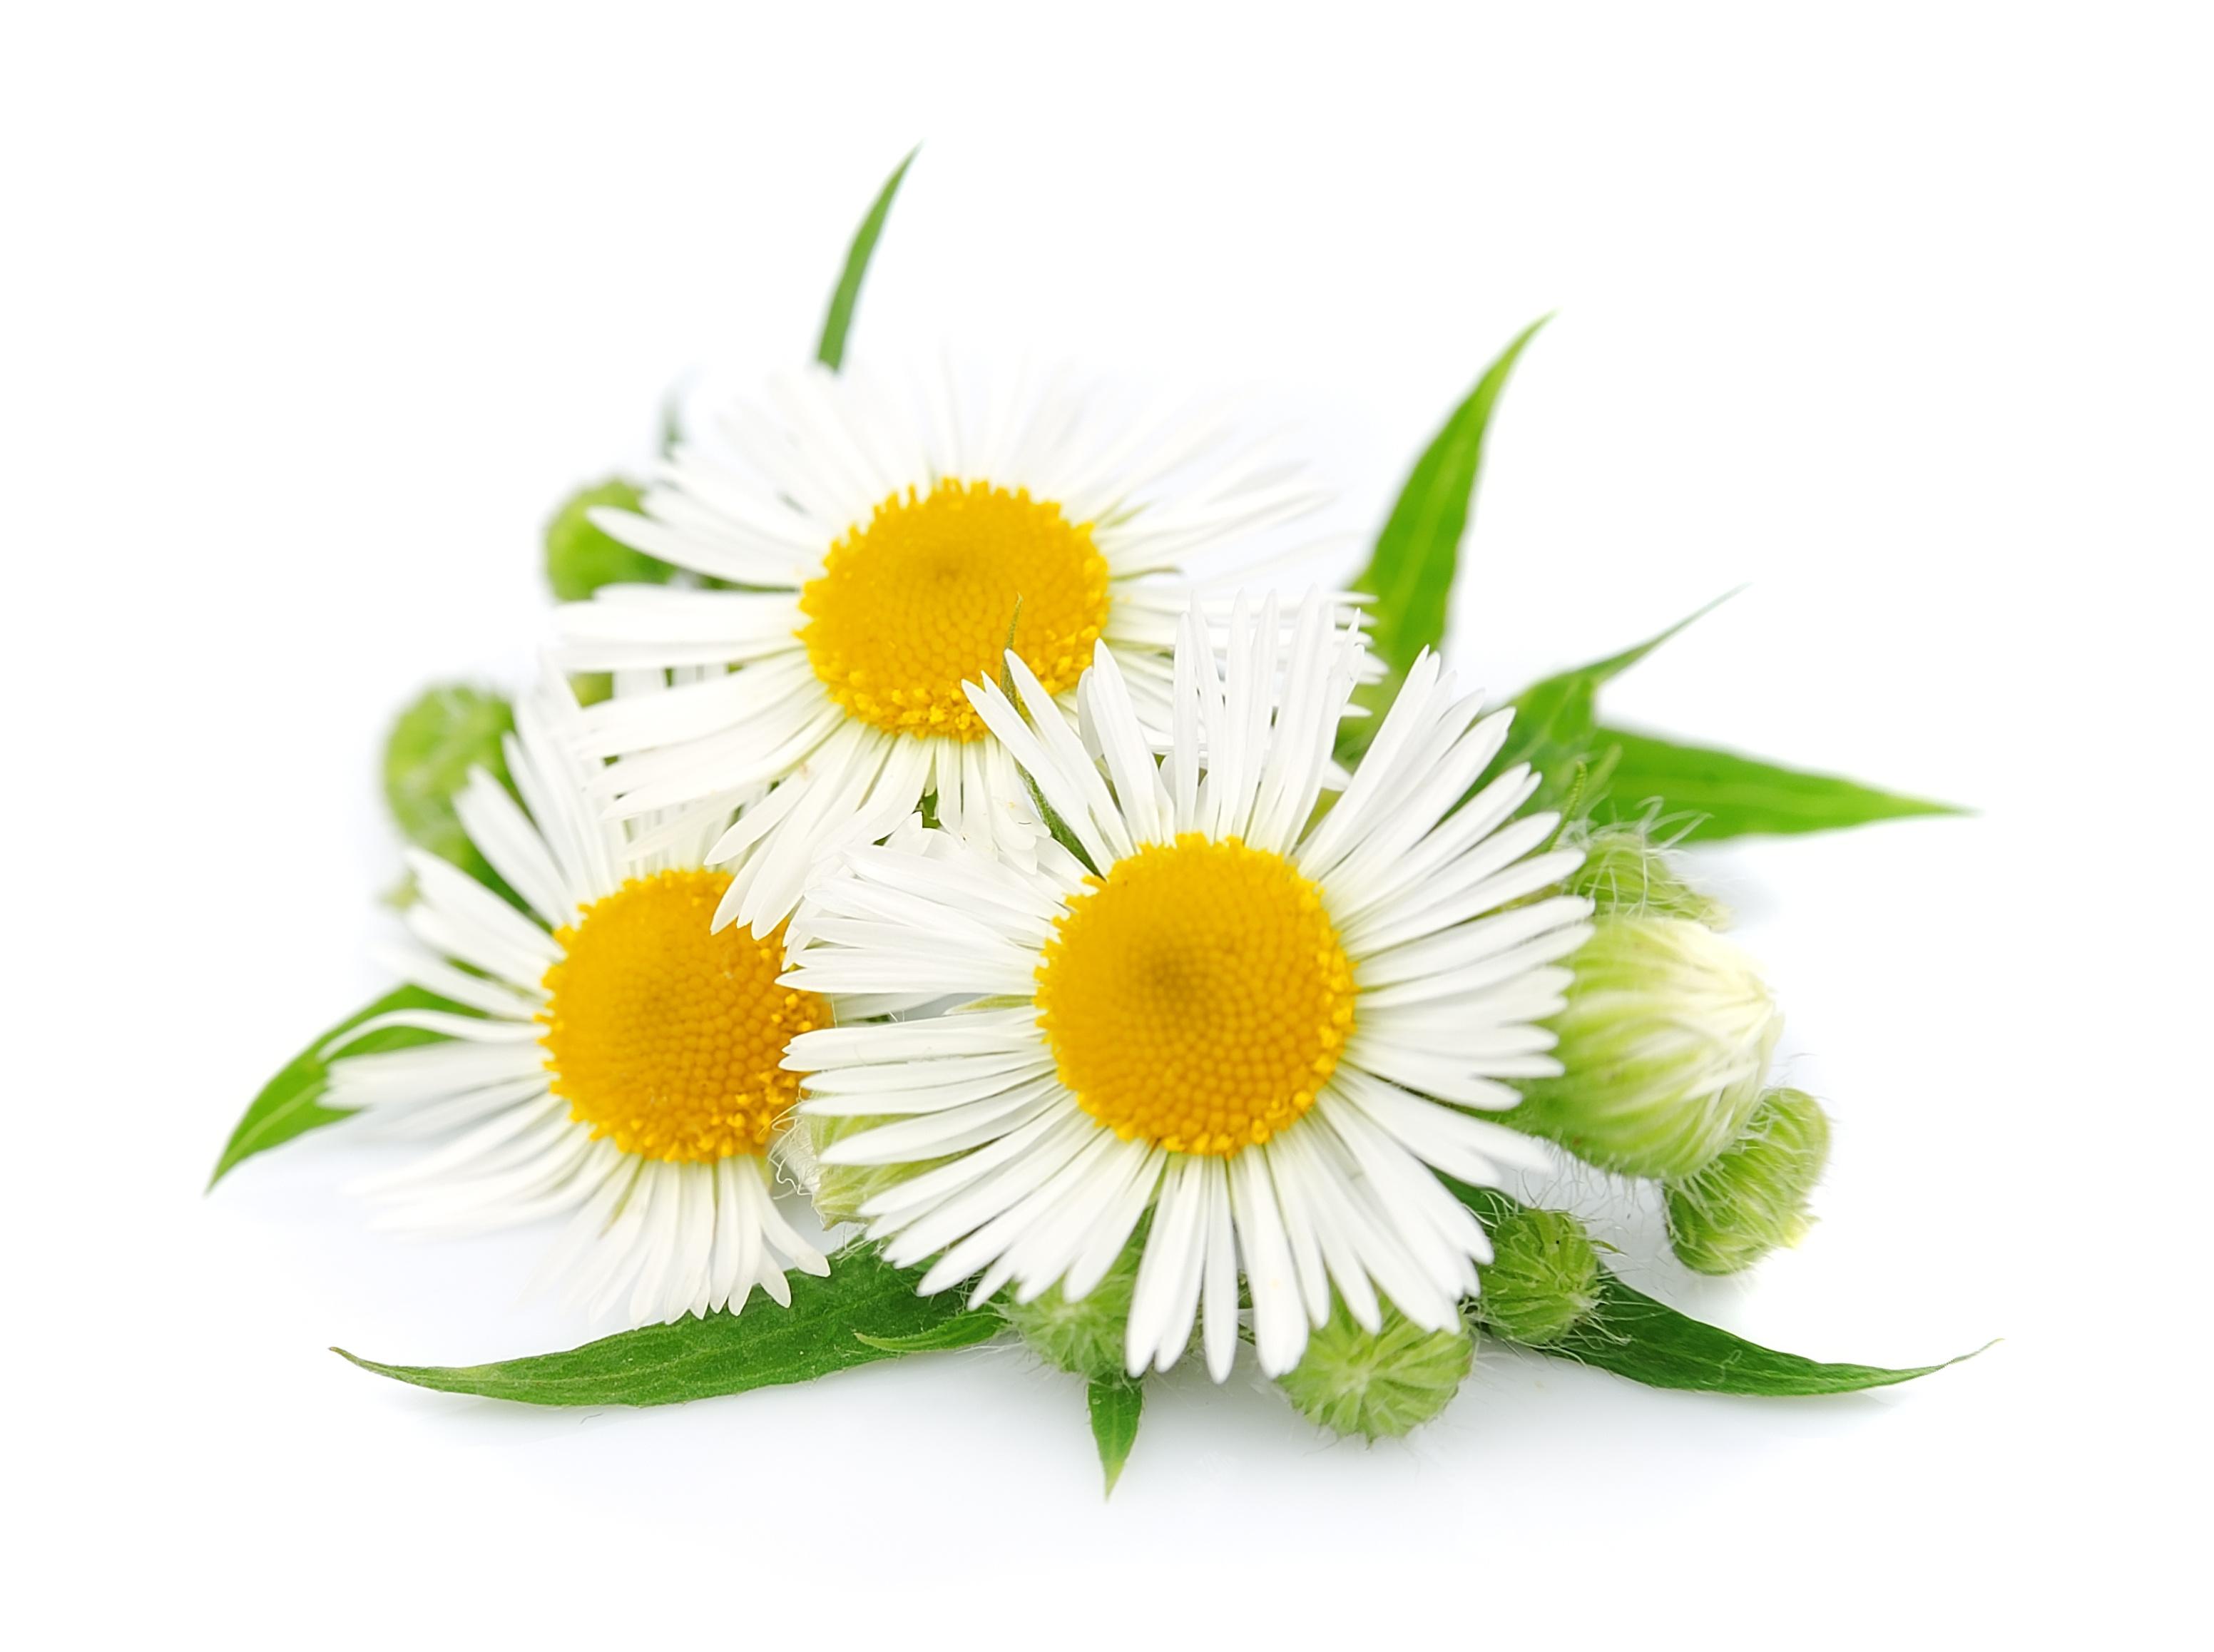 Anthemis Nobilis Flower Extract